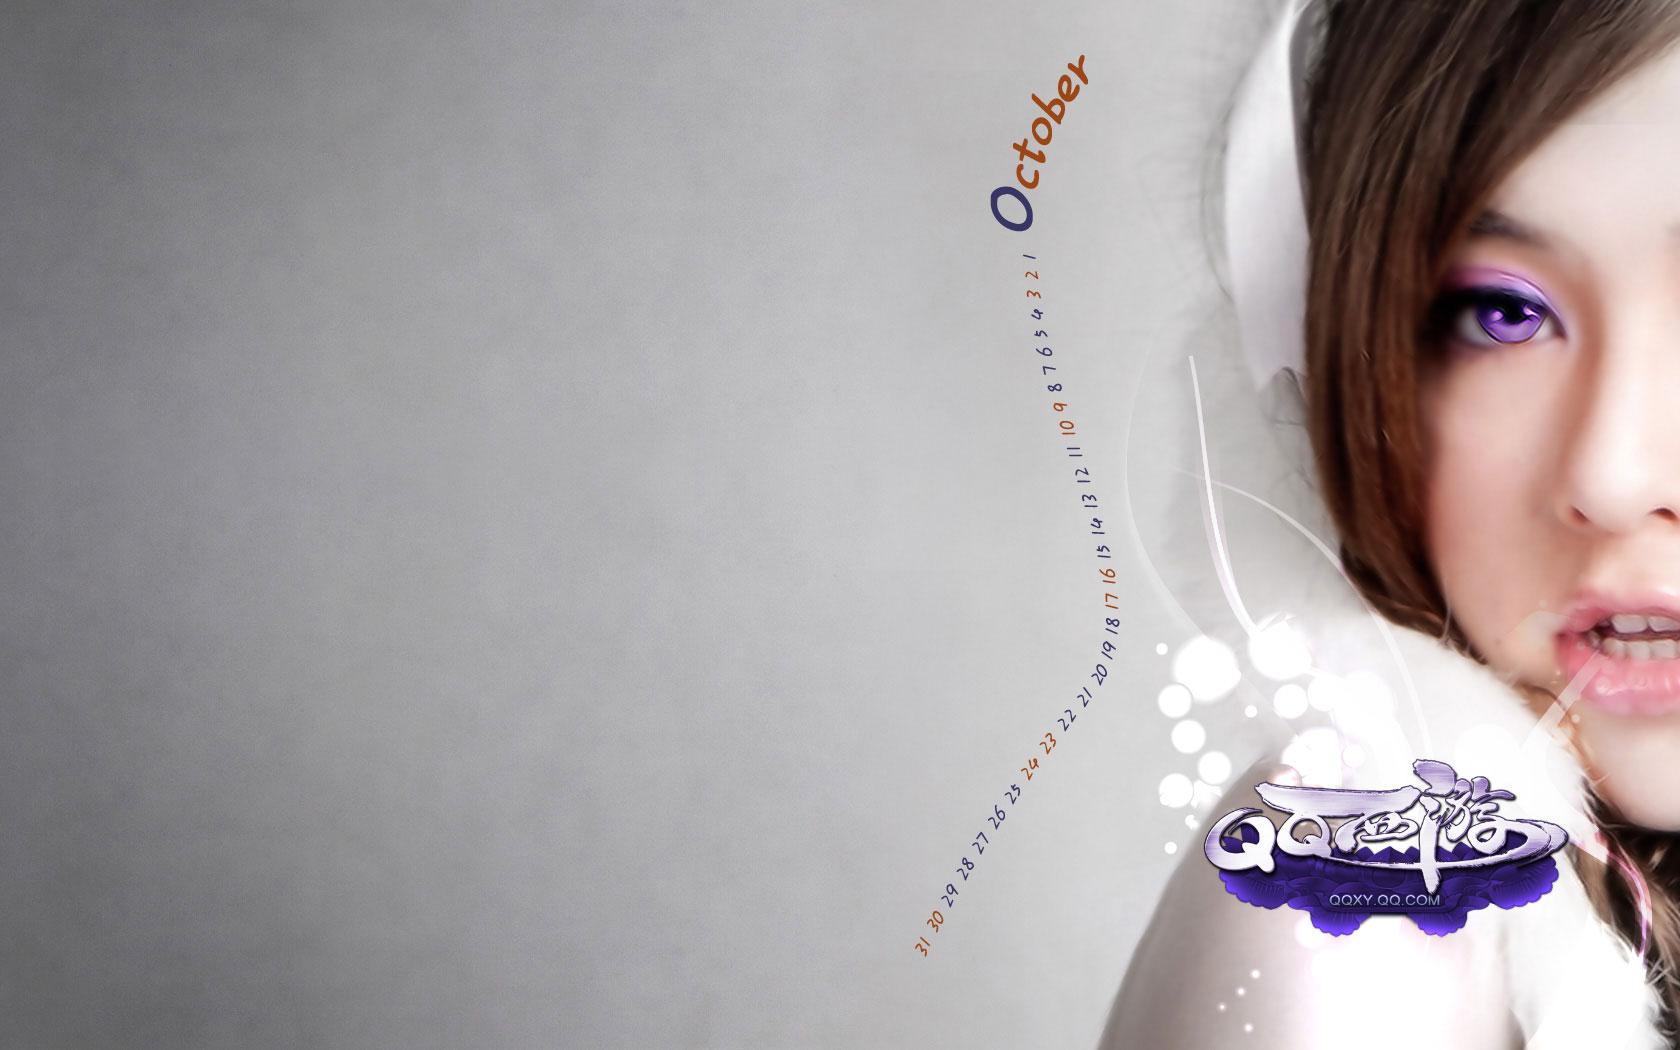 壁纸1680×1050QQ西游 娶个妖精做老婆 美女壁纸 壁纸20壁纸 QQ西游(娶个妖精做壁纸图片系统壁纸系统图片素材桌面壁纸